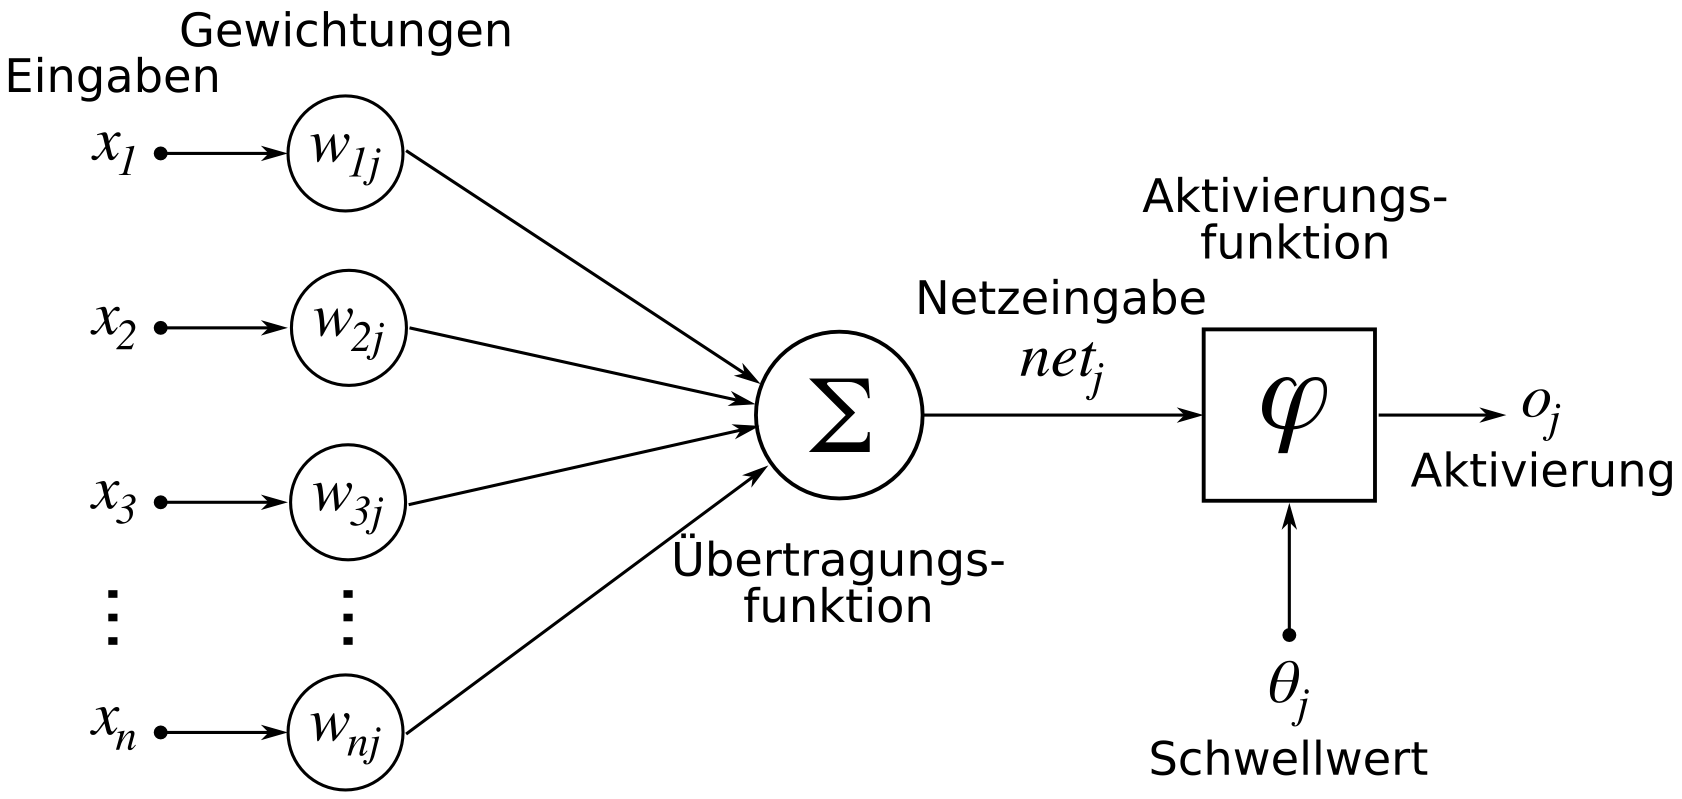 Die Tup Reihe Ki In Der Intralogistik Kunstliche Neuronale Netze